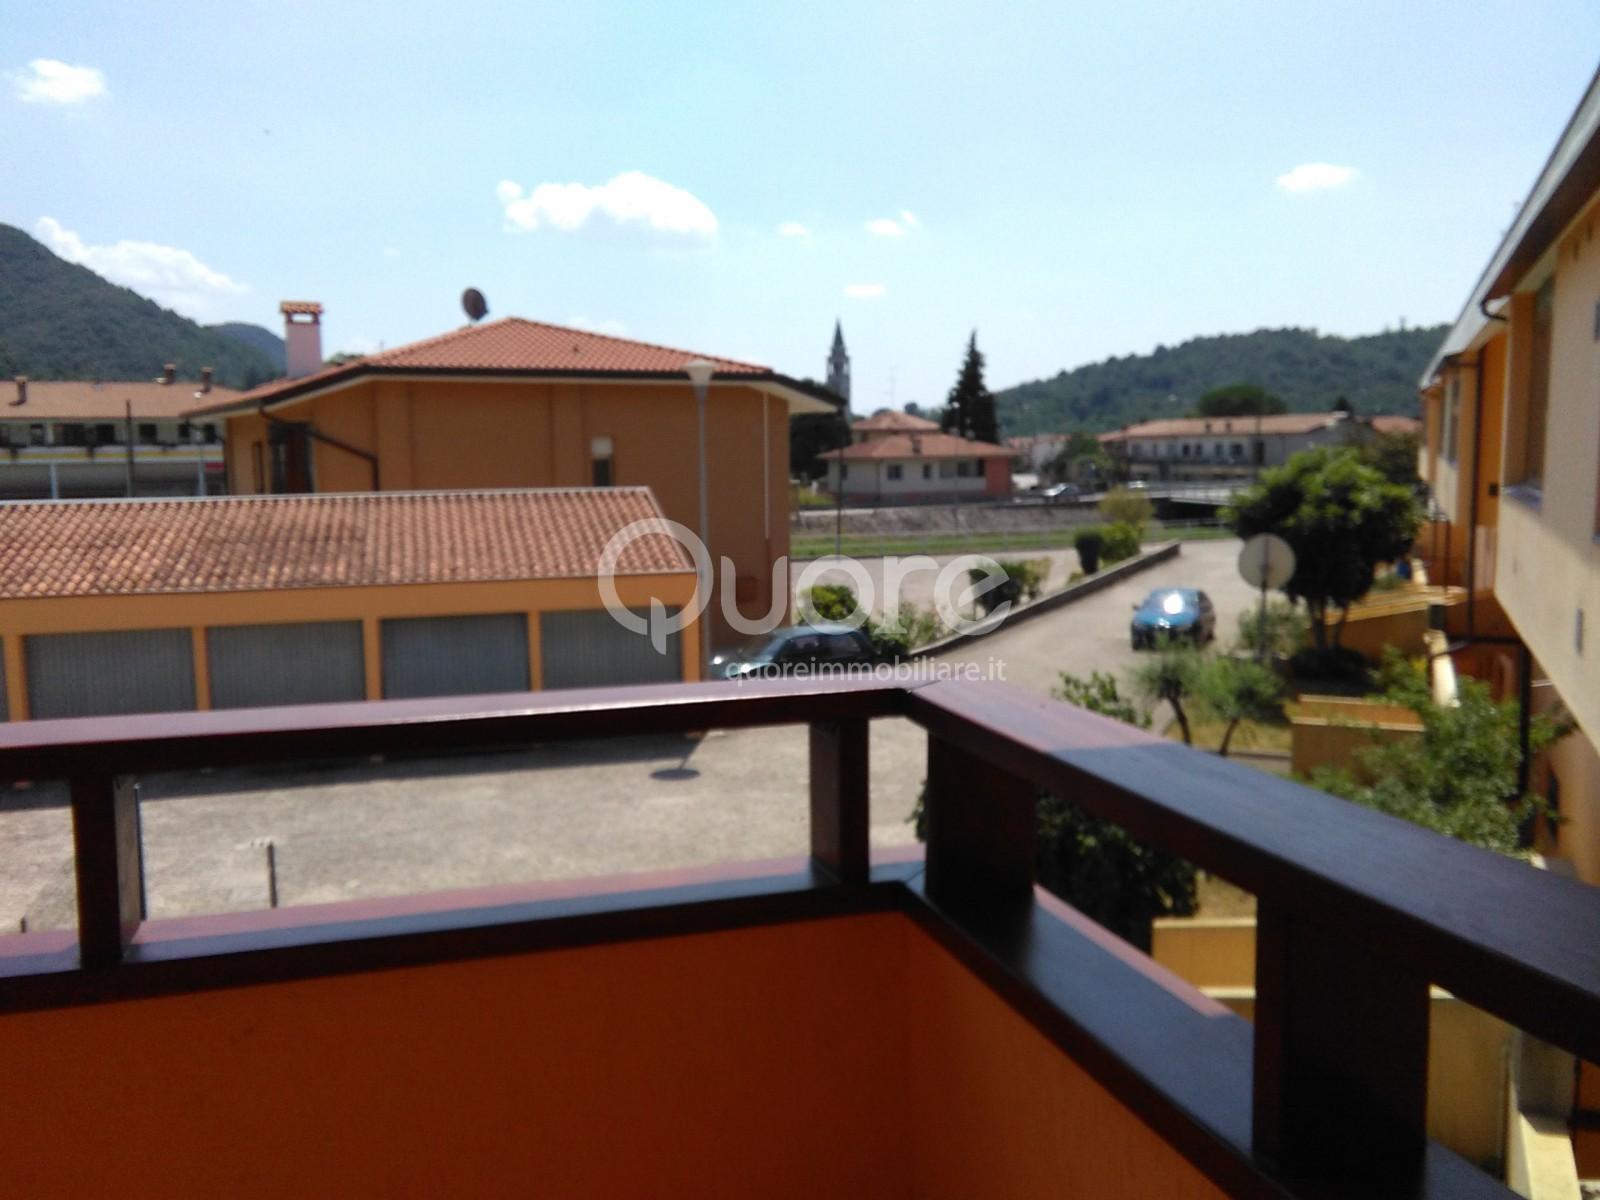 Villa a Schiera in vendita a Attimis, 4 locali, prezzo € 98.000 | Cambio Casa.it